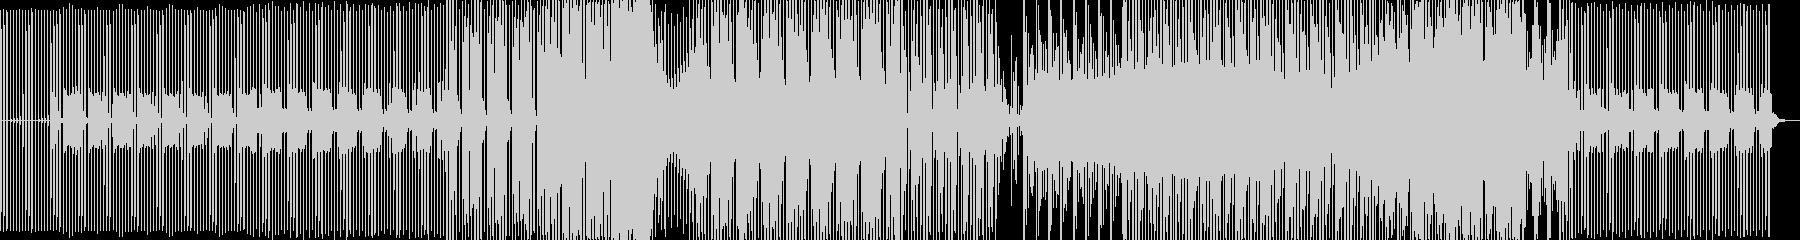 3つの契約がディスコポップジャンル...の未再生の波形